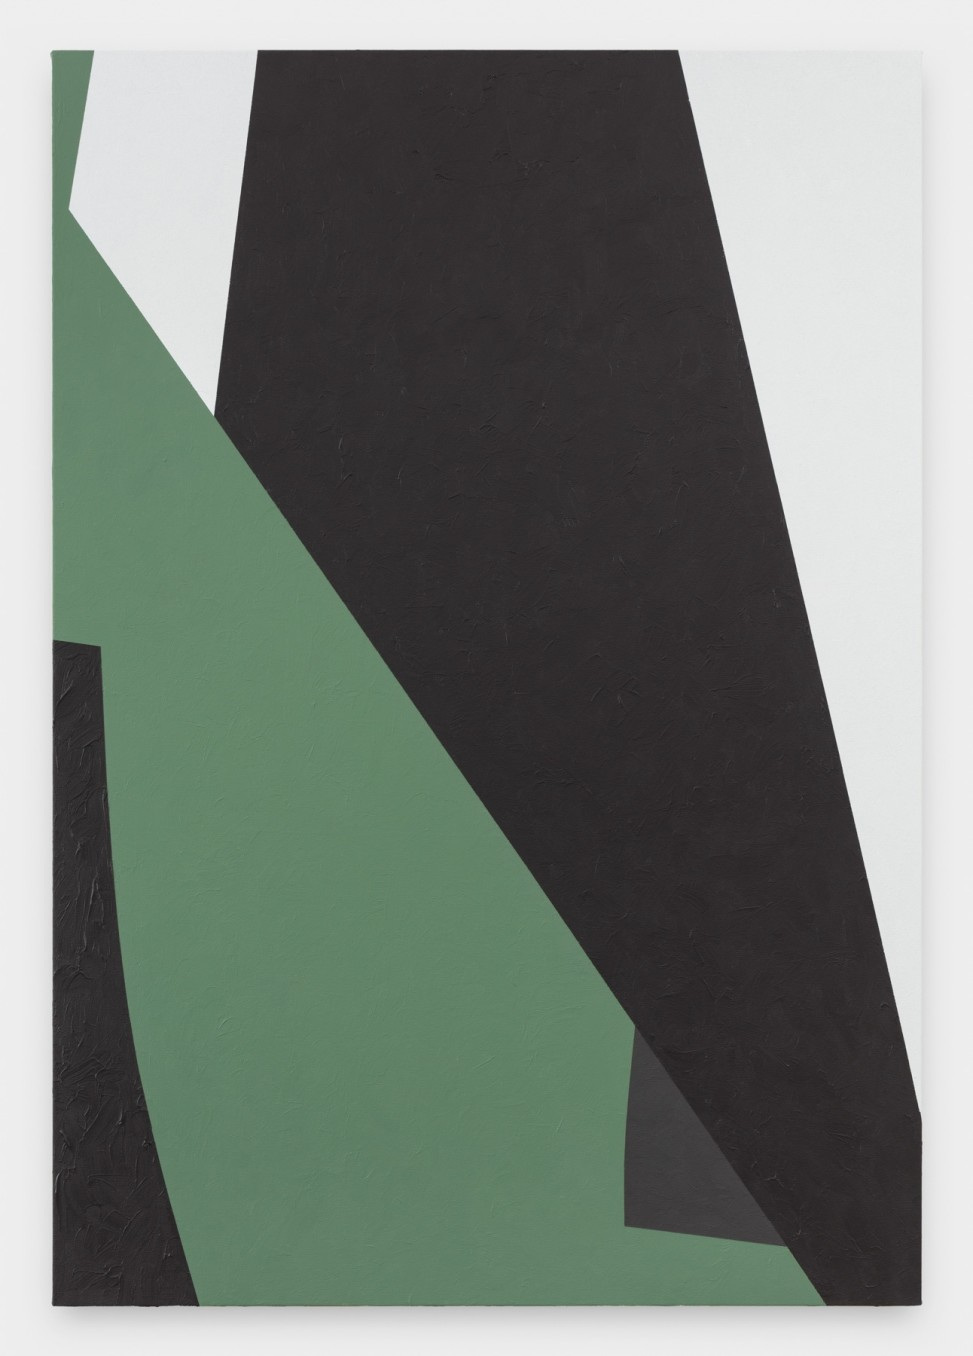 Virginia Jaramillo, Site: No. 10 37.2309° N, 108.4618° W, 2018, Acrylic on canvas, 198.1 x 137.2 cm, 78 x 54 in